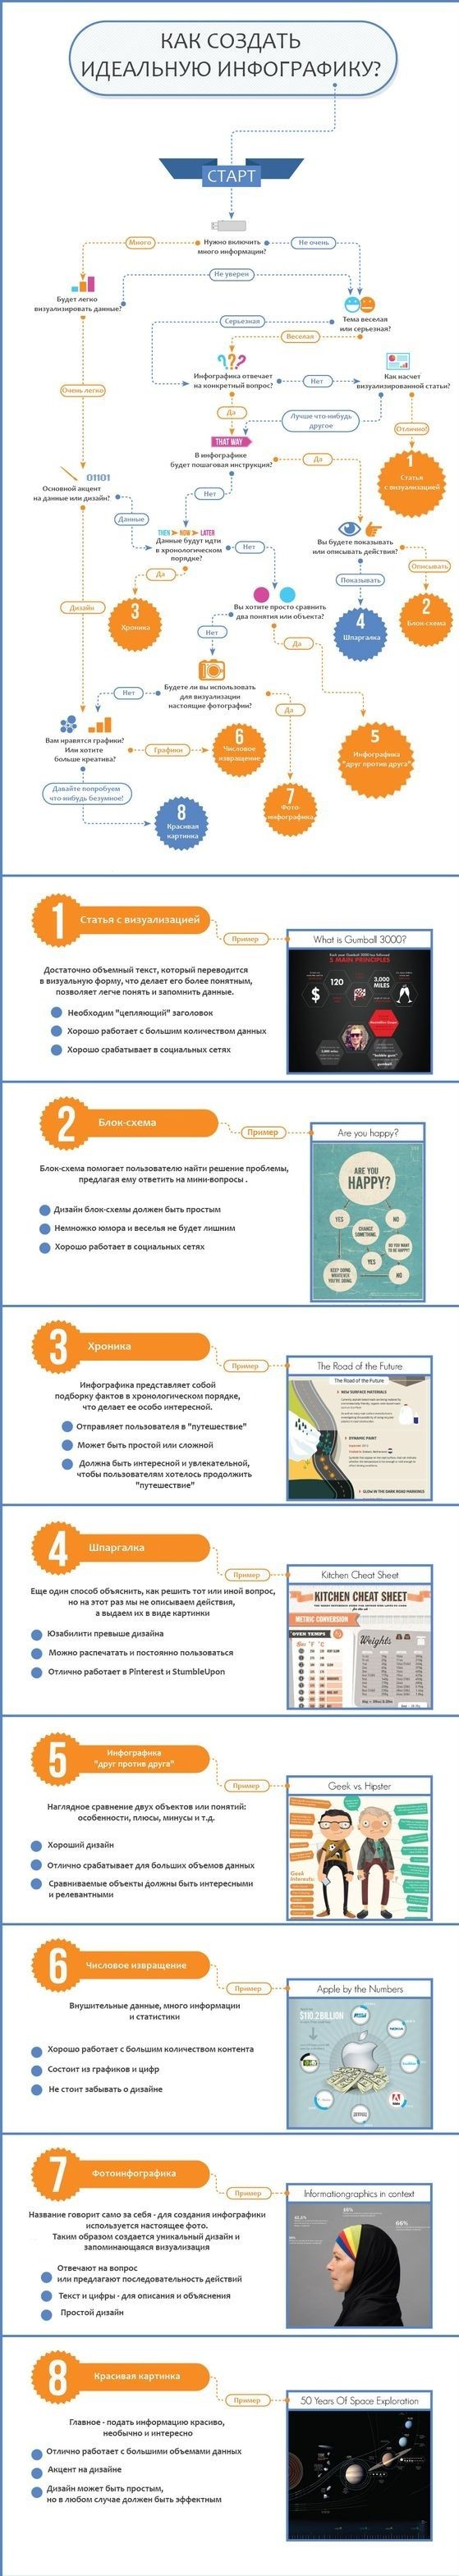 Рецепт идеальной инфографики инфографика, как сделать, длиннопост